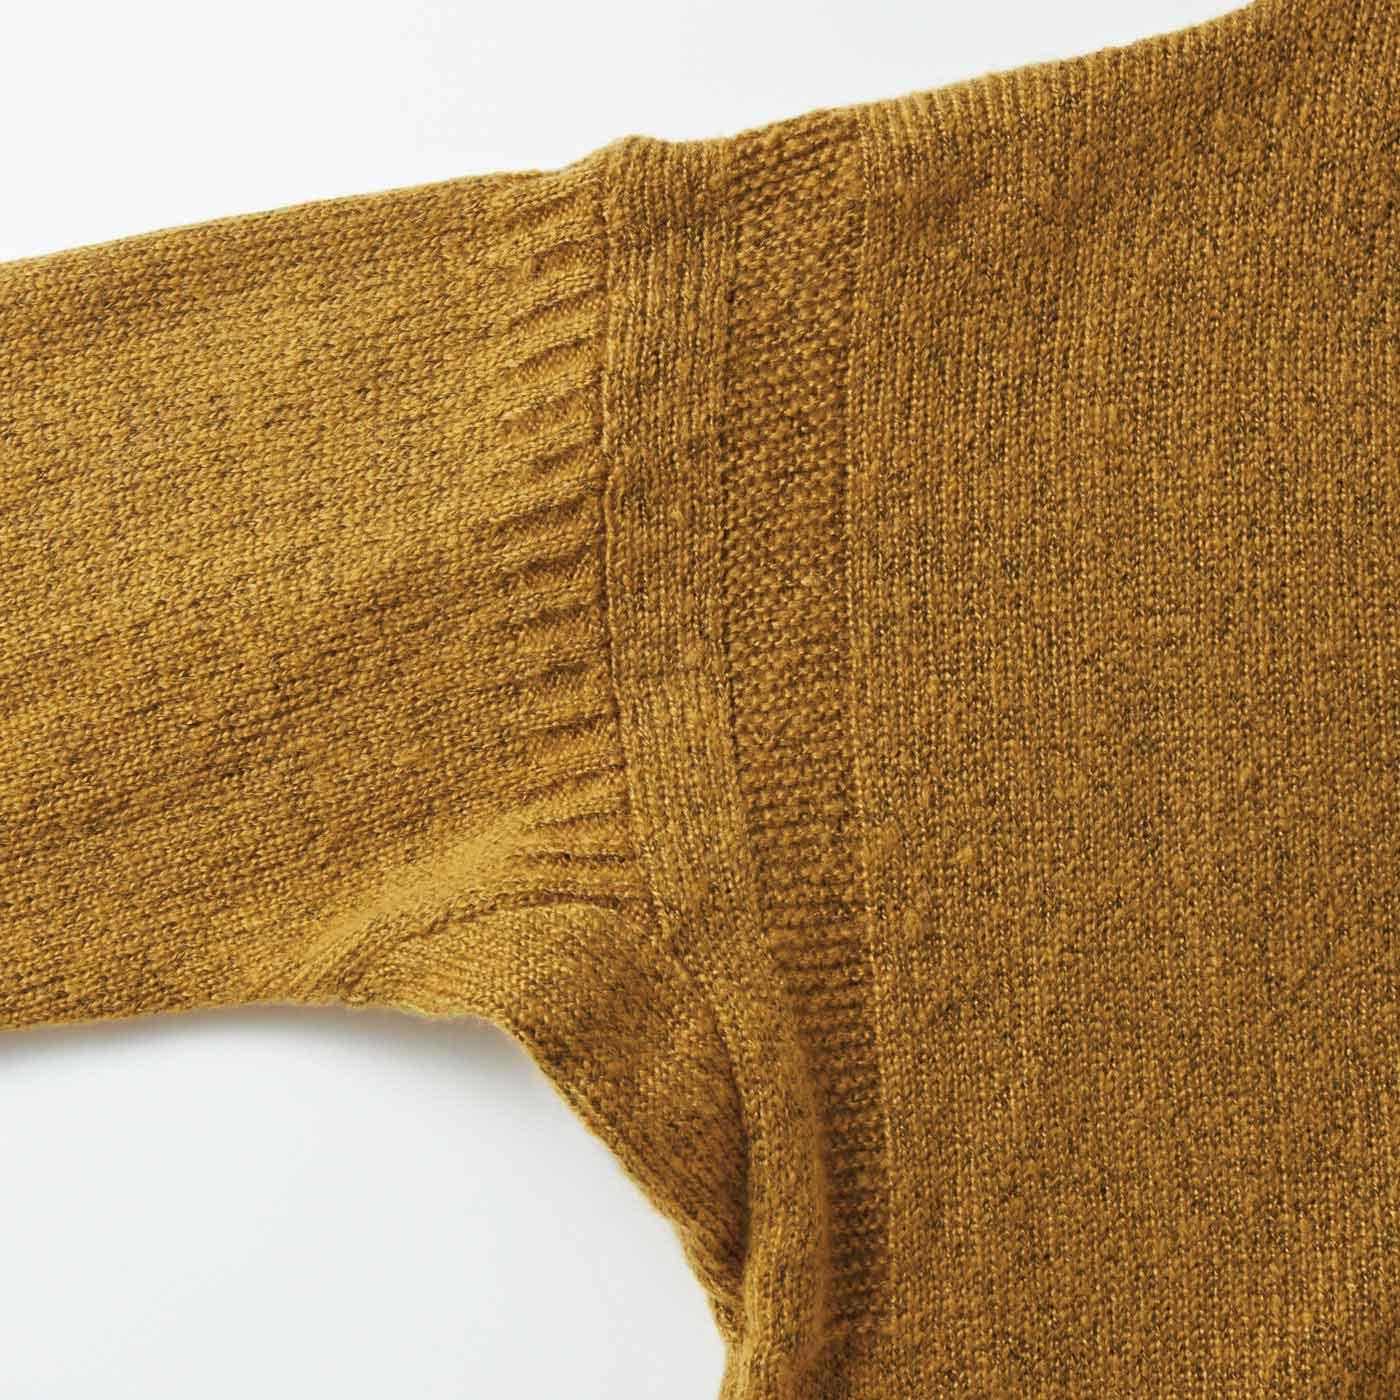 わき下のまちは動きやすく機能的。袖ぐりとすその装飾的な柄模様がニュアンスを生み出します。 ※お届けするカラーとは異なります。